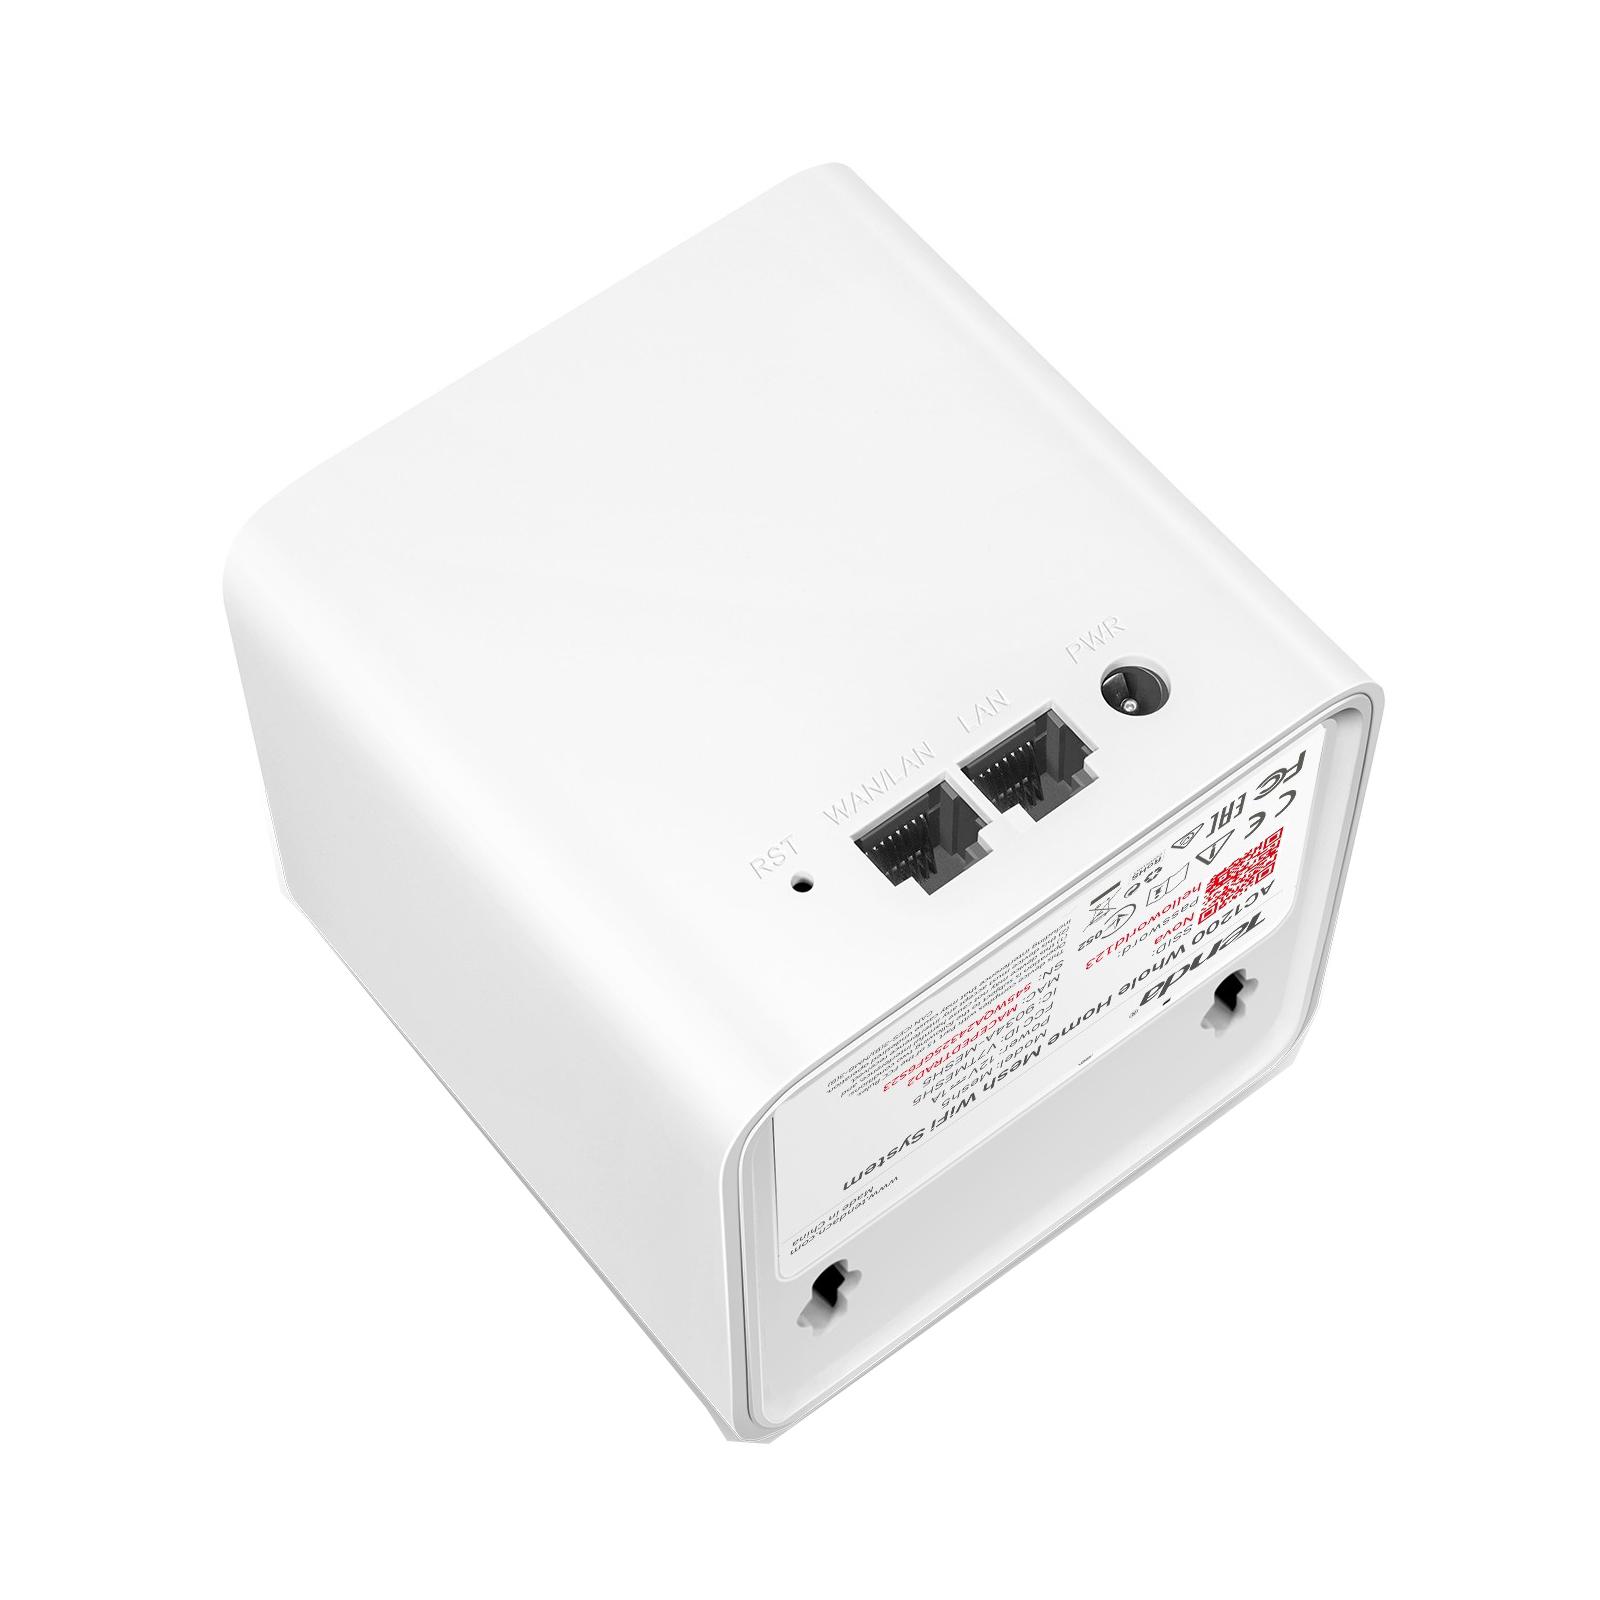 Точка доступа Wi-Fi Tenda MW5S-KIT-2 изображение 2